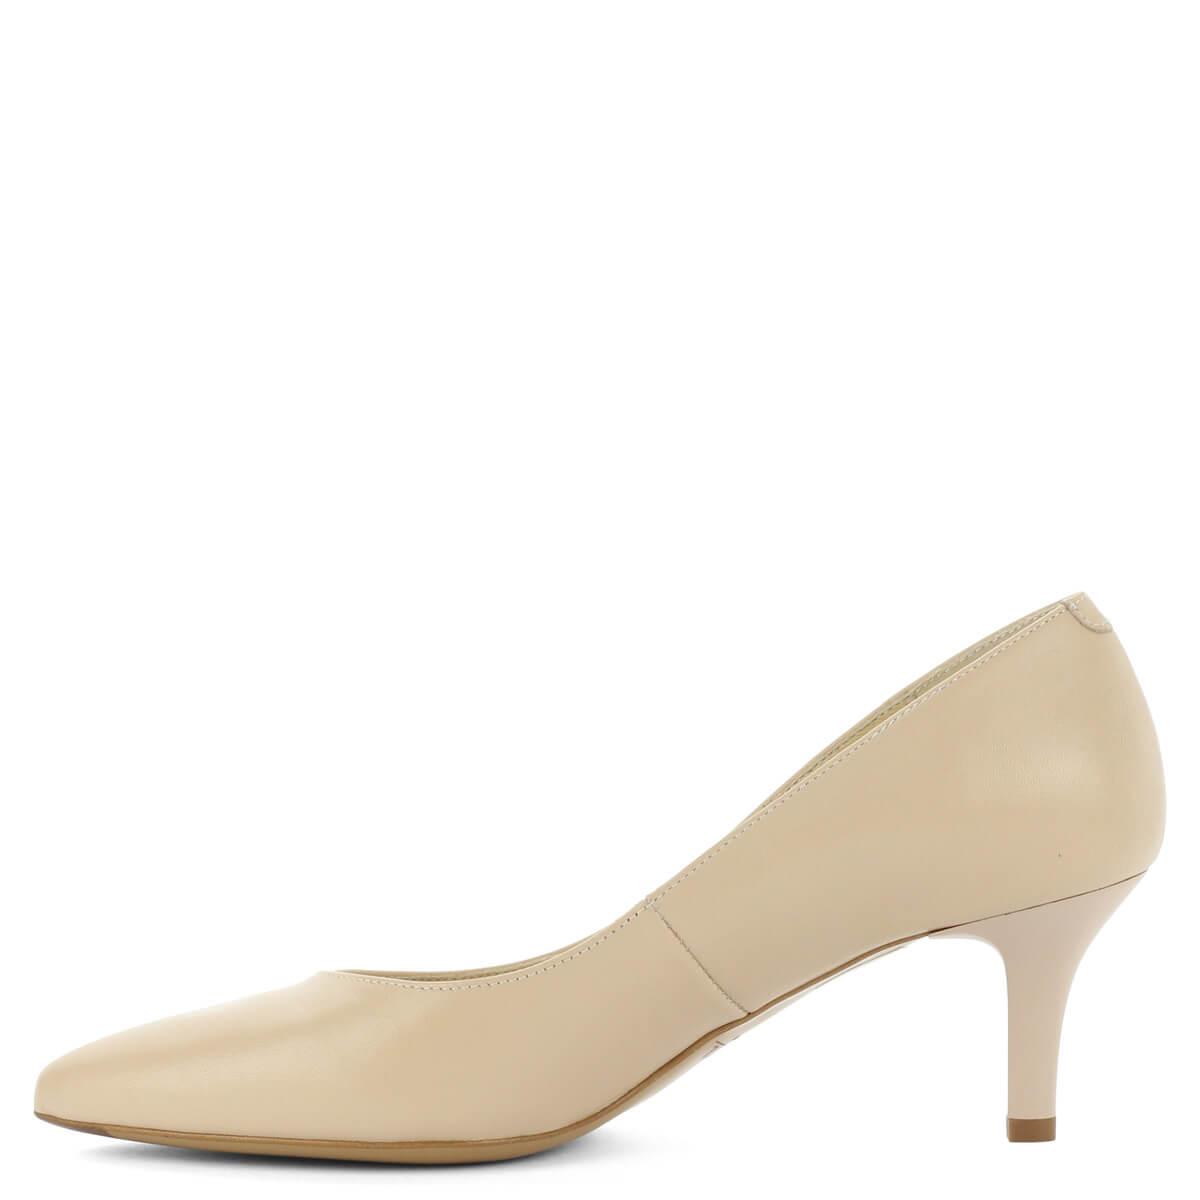 Bőr béléssel  Bézs Kotyl körömcipő közepes sarokkal. Elegáns női cipő utcai  és alkalmi viseletre. Bőr béléssel 835c26237f